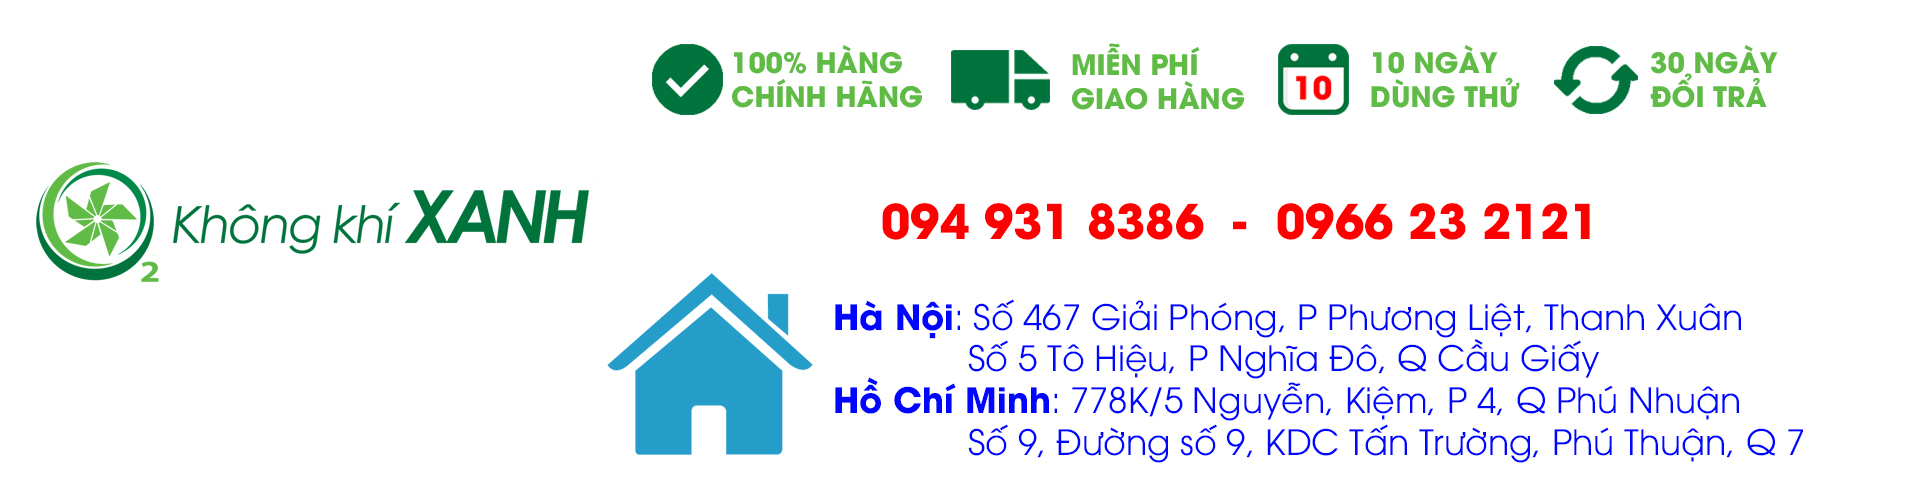 http://www.maylockhongkhi.com.vn